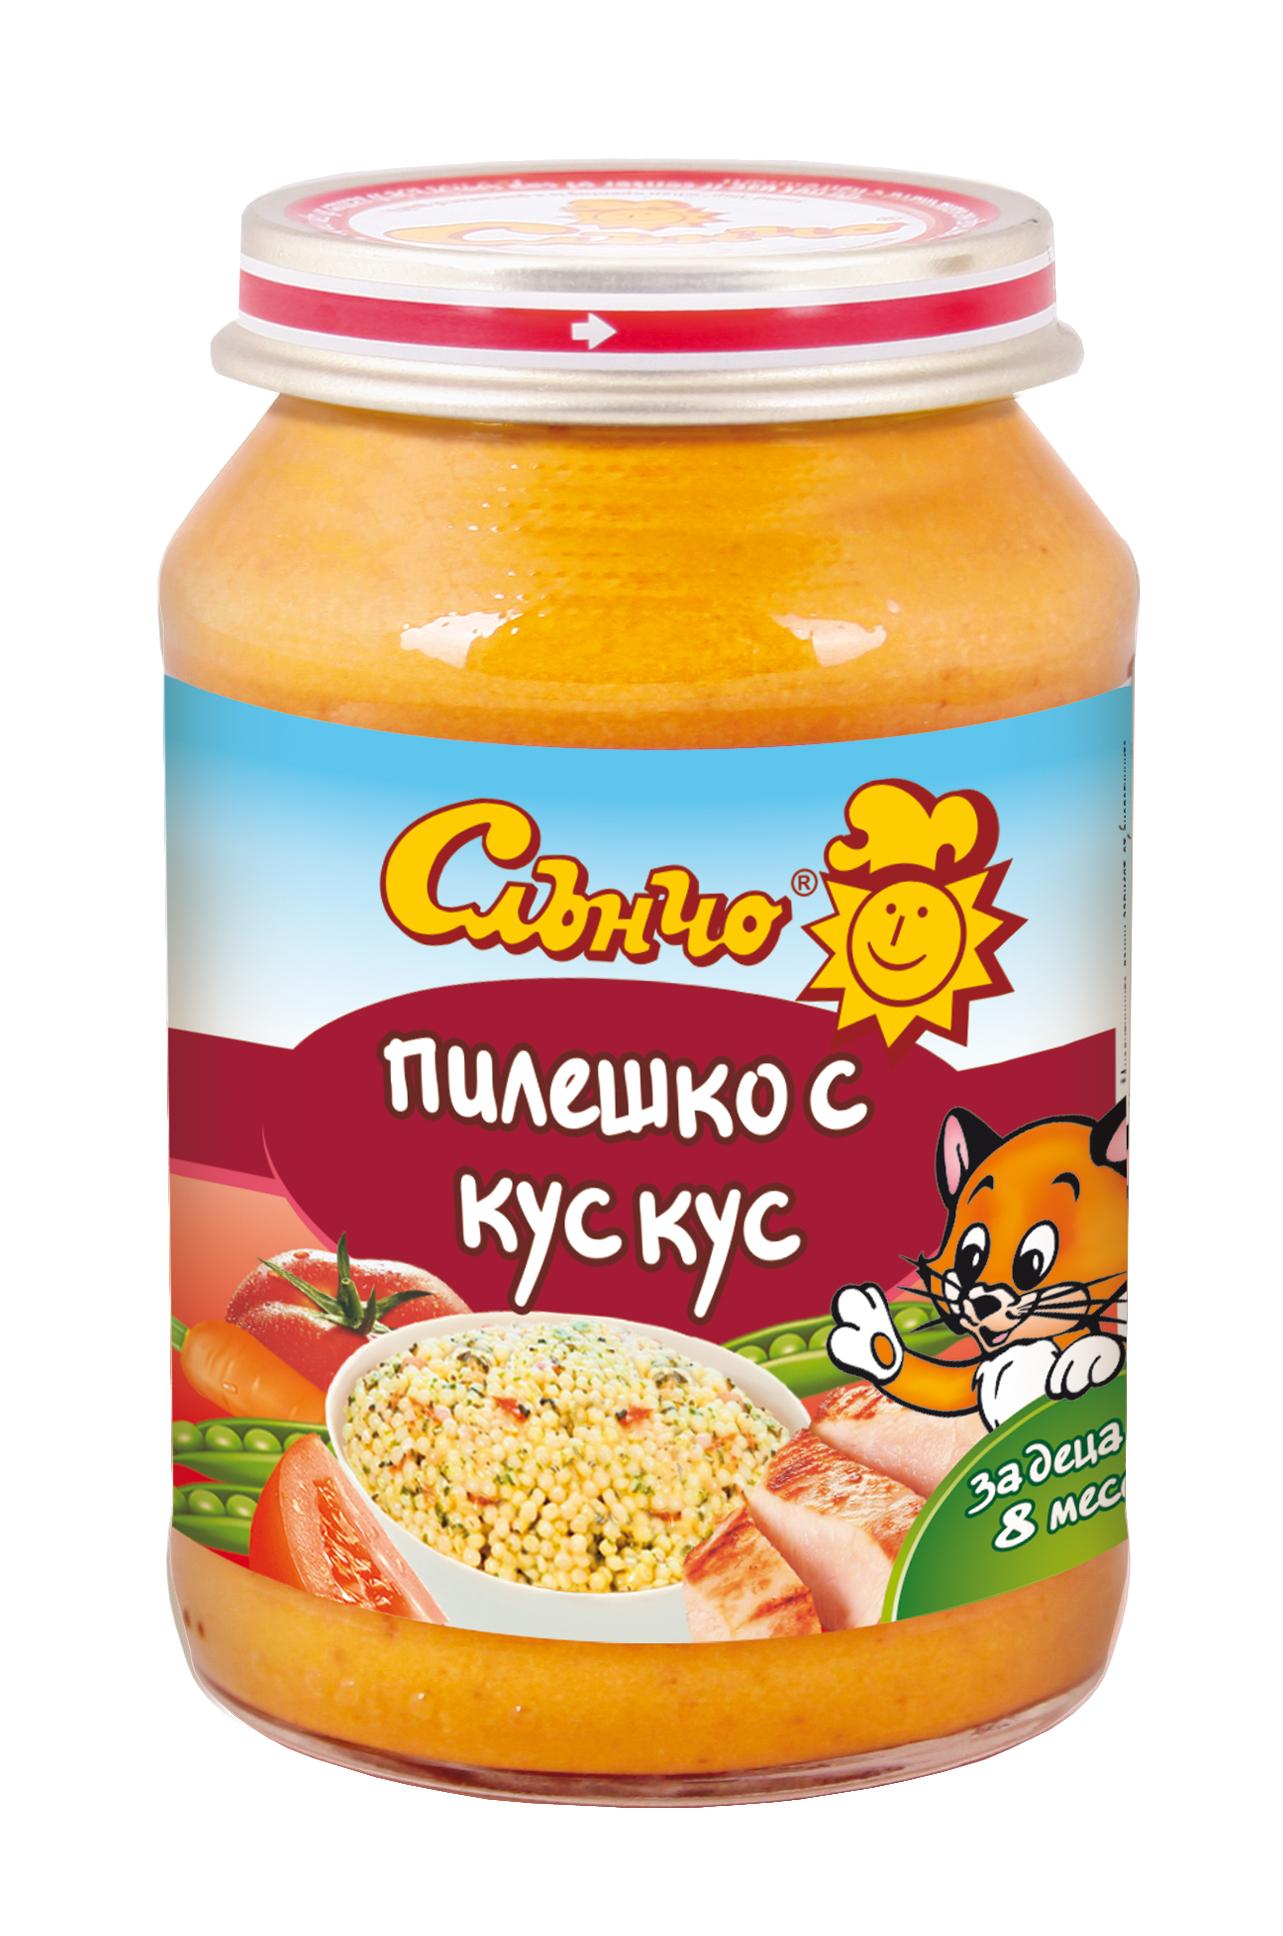 pileshko-s-kus-kus_bg